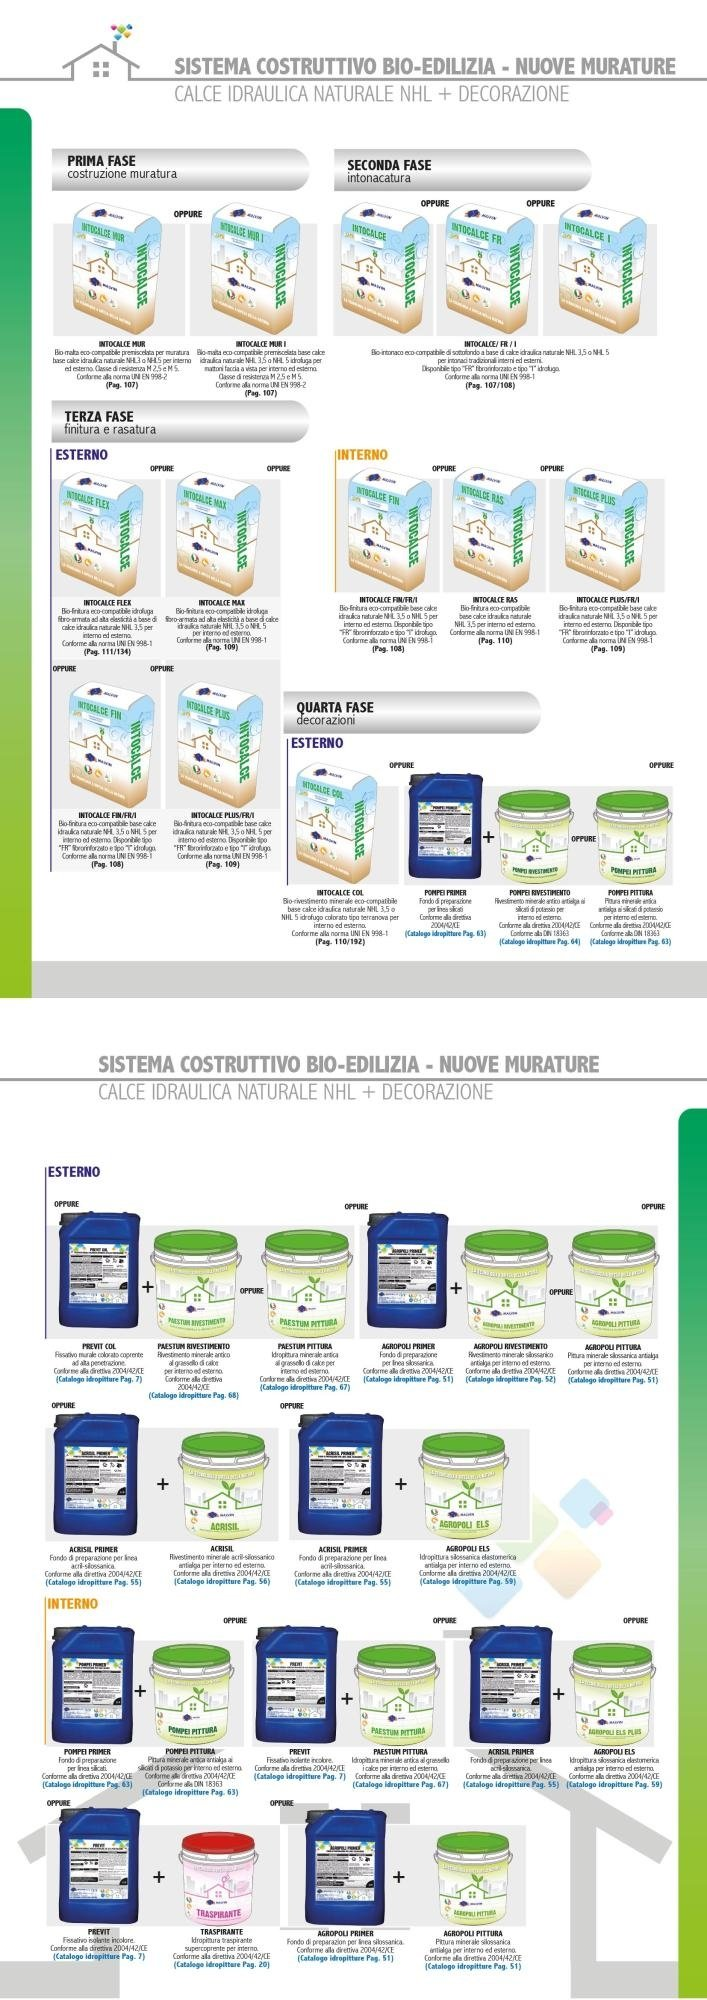 Sistema Costruttivo Bio-Edilizia - Nuove Murature (Calce Naturale NHL)